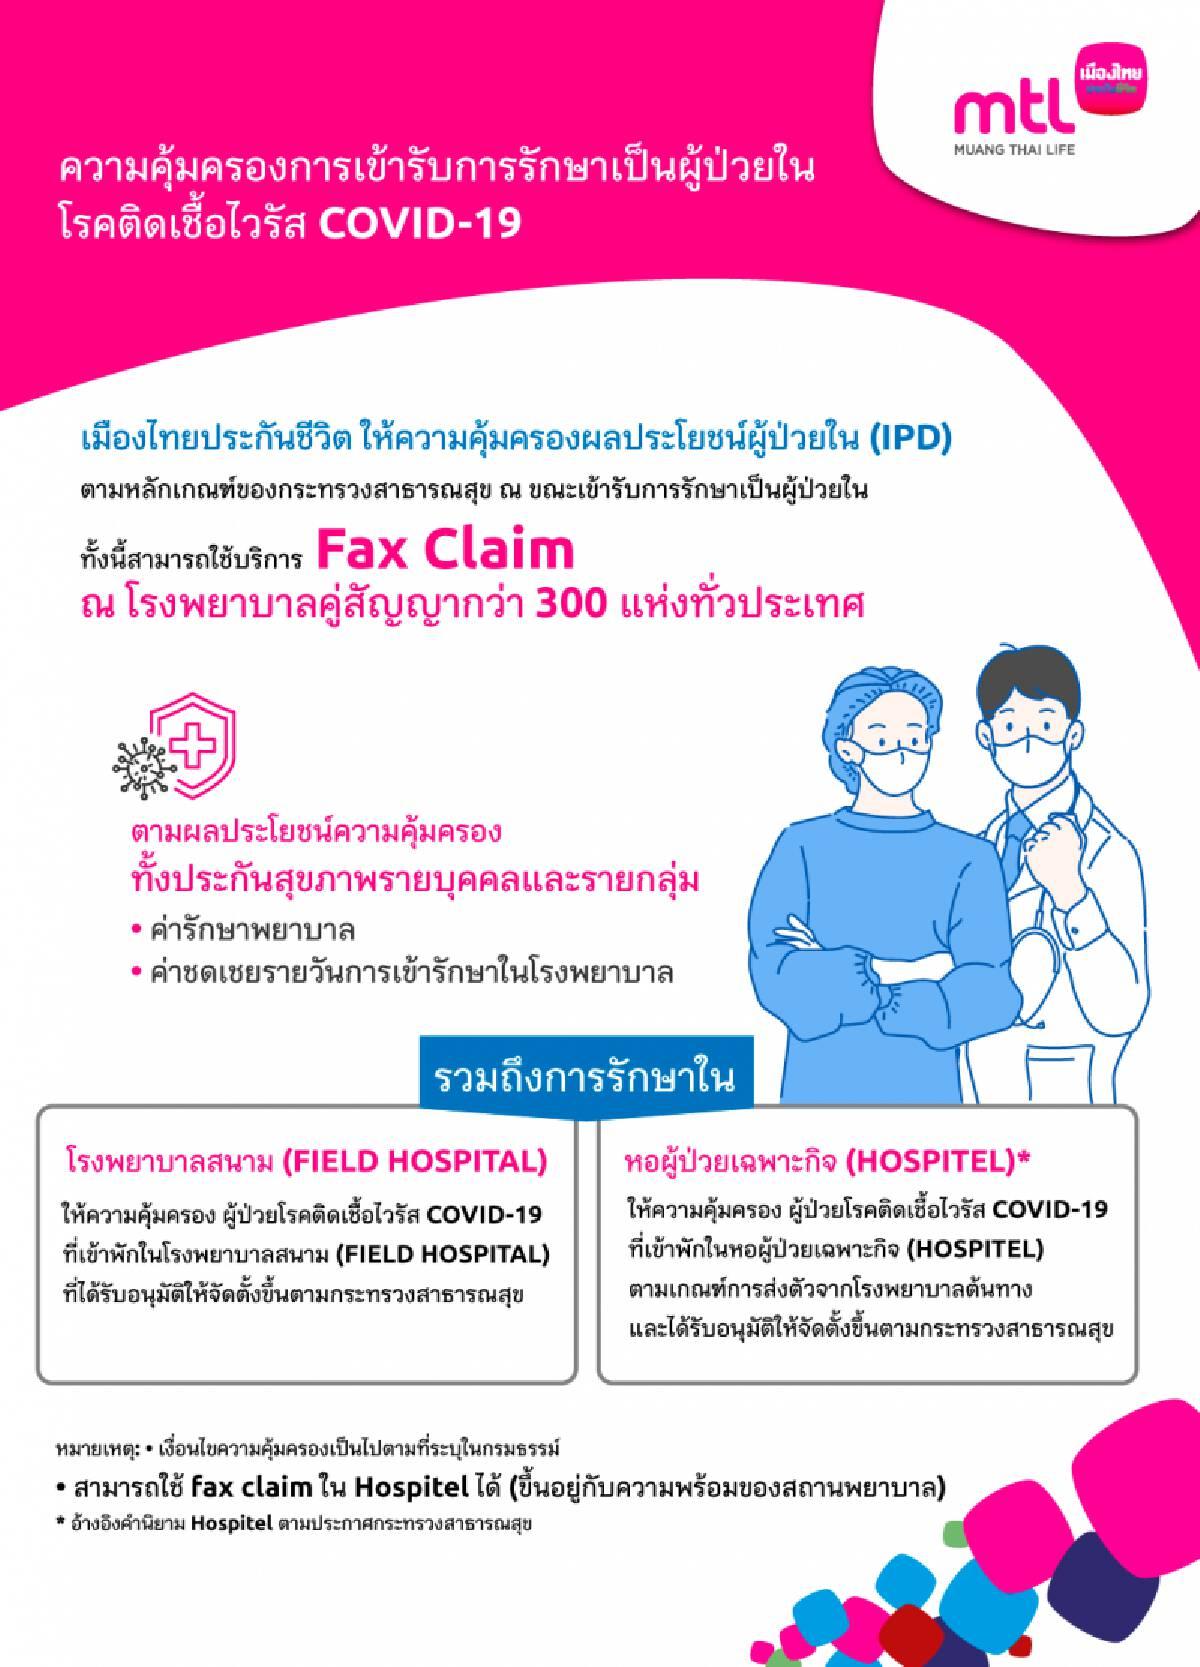 เมืองไทยประกันชีวิต  รับมือ COVID-19คุ้มครองIPD-โรงพยาบาลสนามและหอผู้ป่วยเฉพาะกิจ